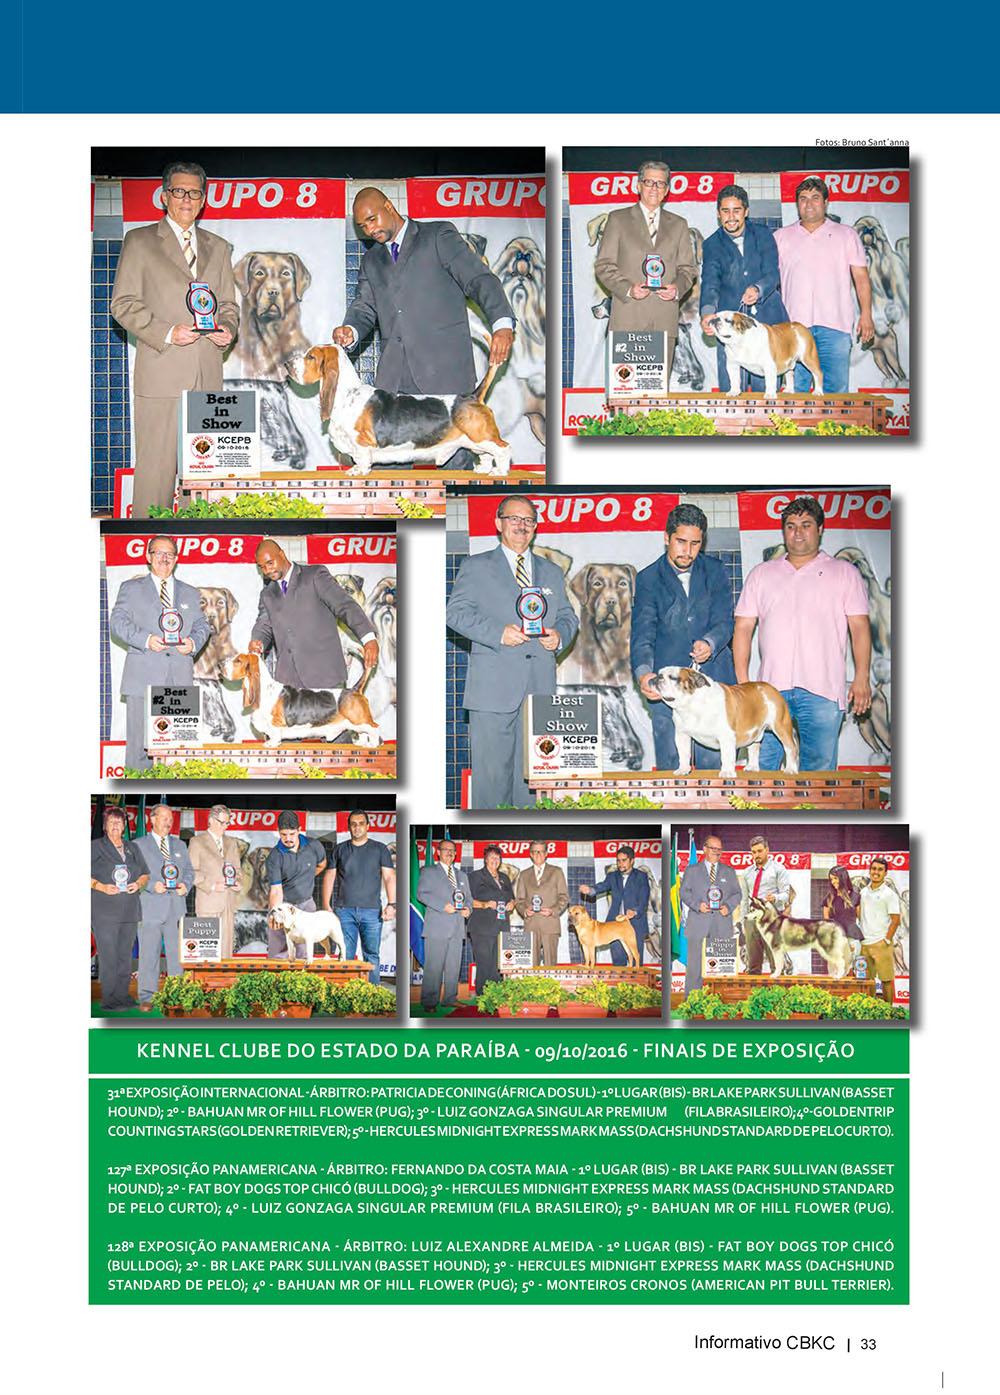 Pagina 33  Edição 53 do Informativo CBKC